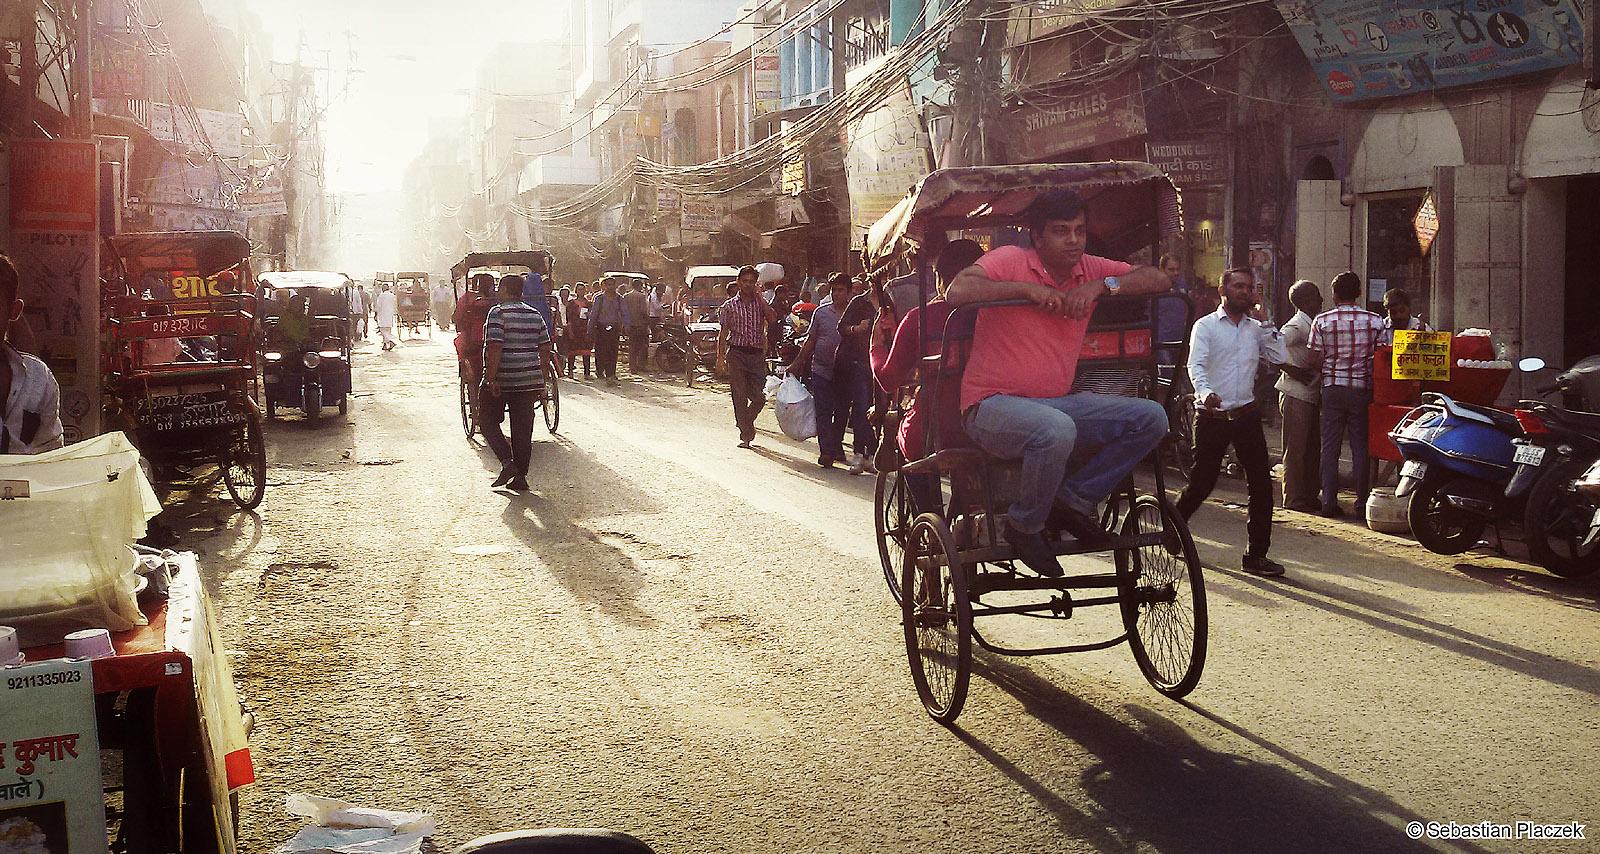 Rikszarze w Delhi. Zdjęcia z podróży do Indii. Foto - Sebastian Placzek